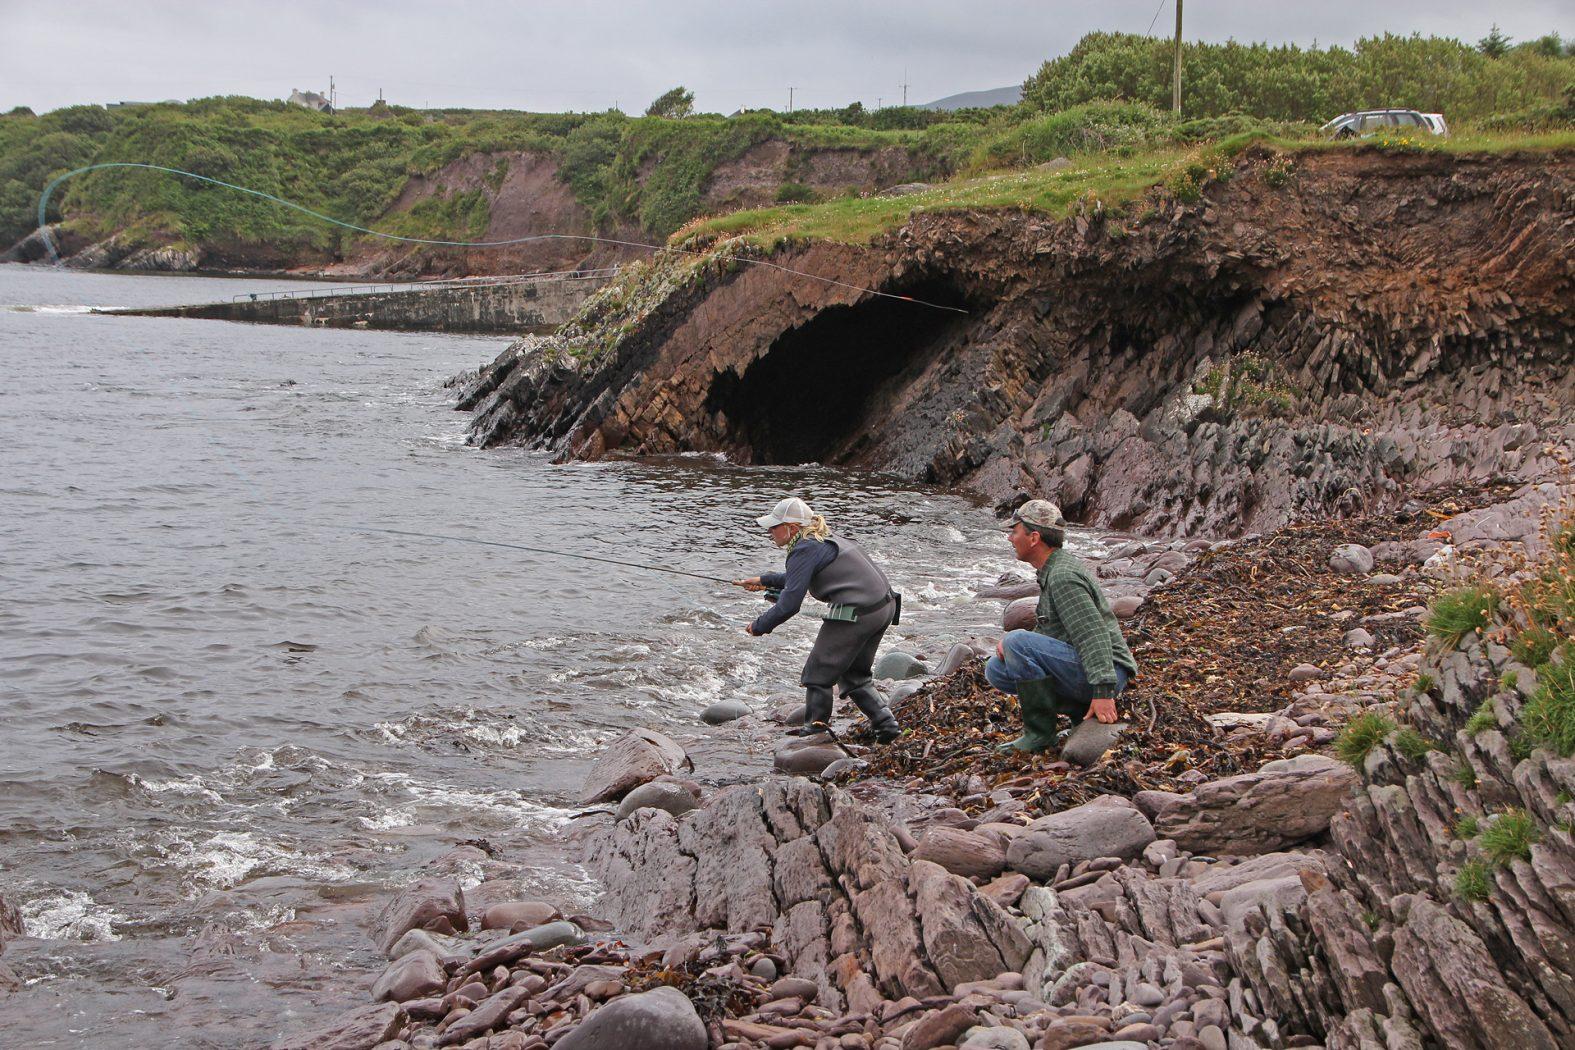 Meeräschen angeln von der Küste